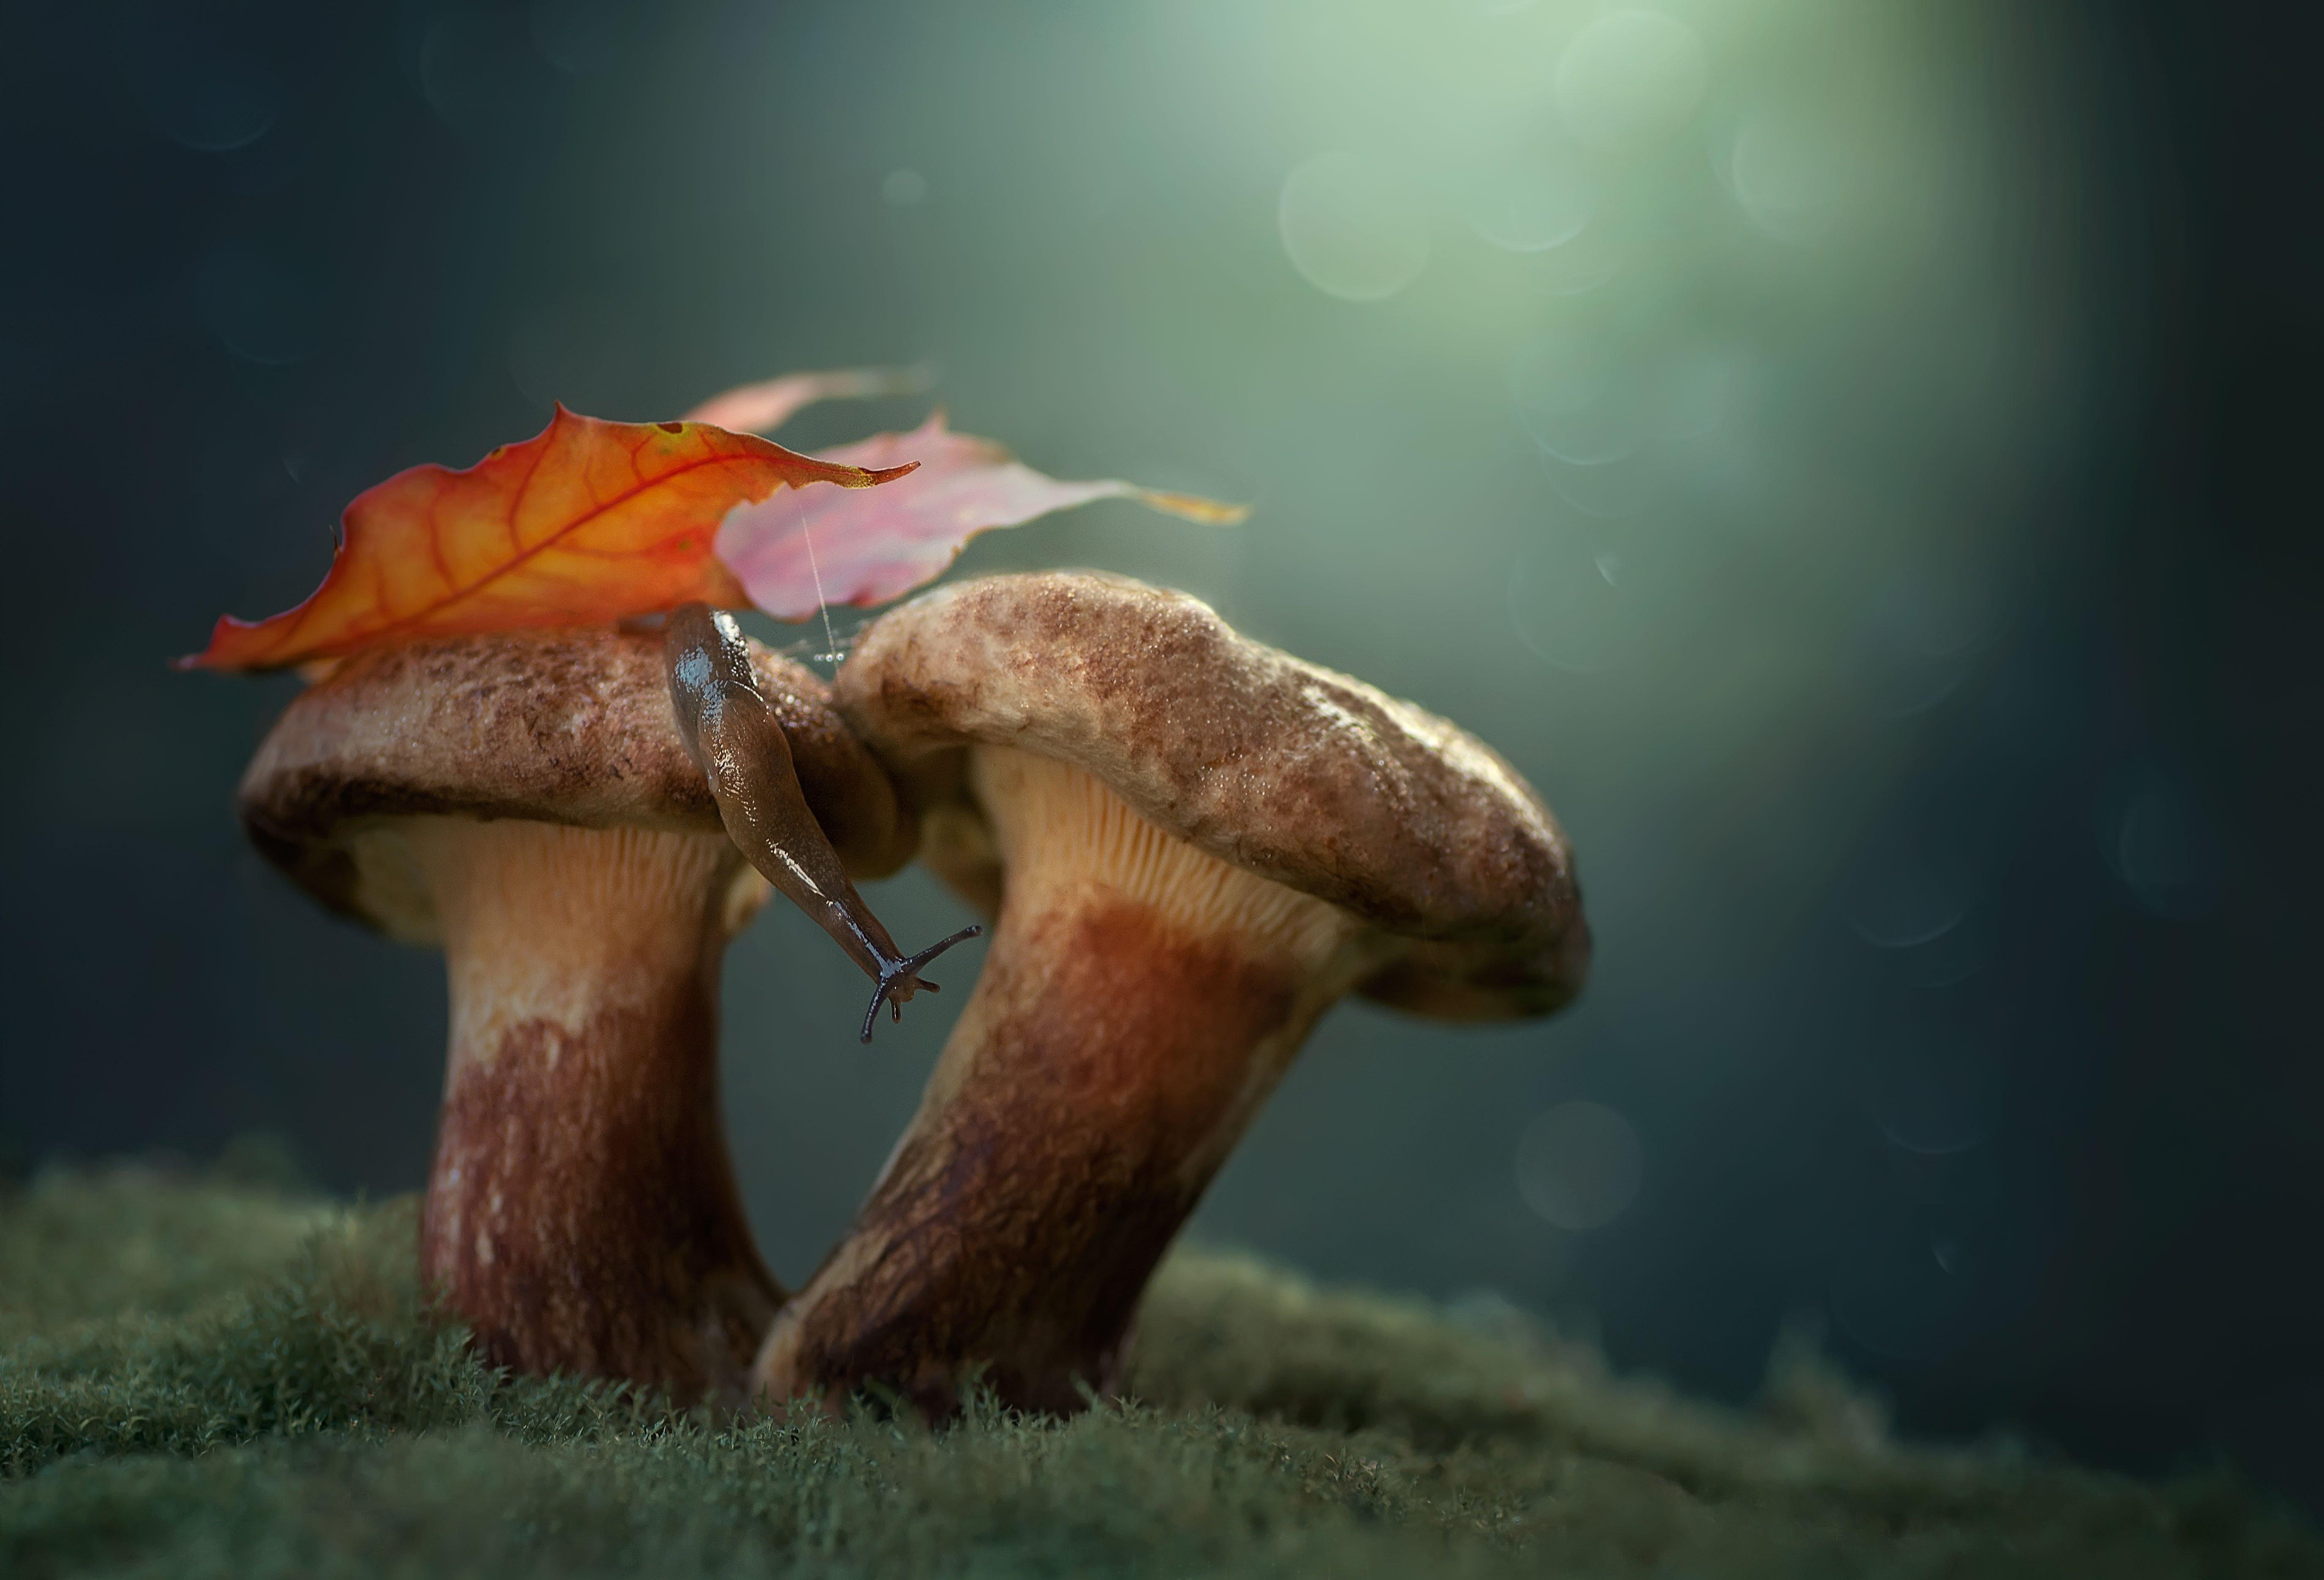 макро, гриб, осенний лист, слизняк, природа, Чернобай Анна